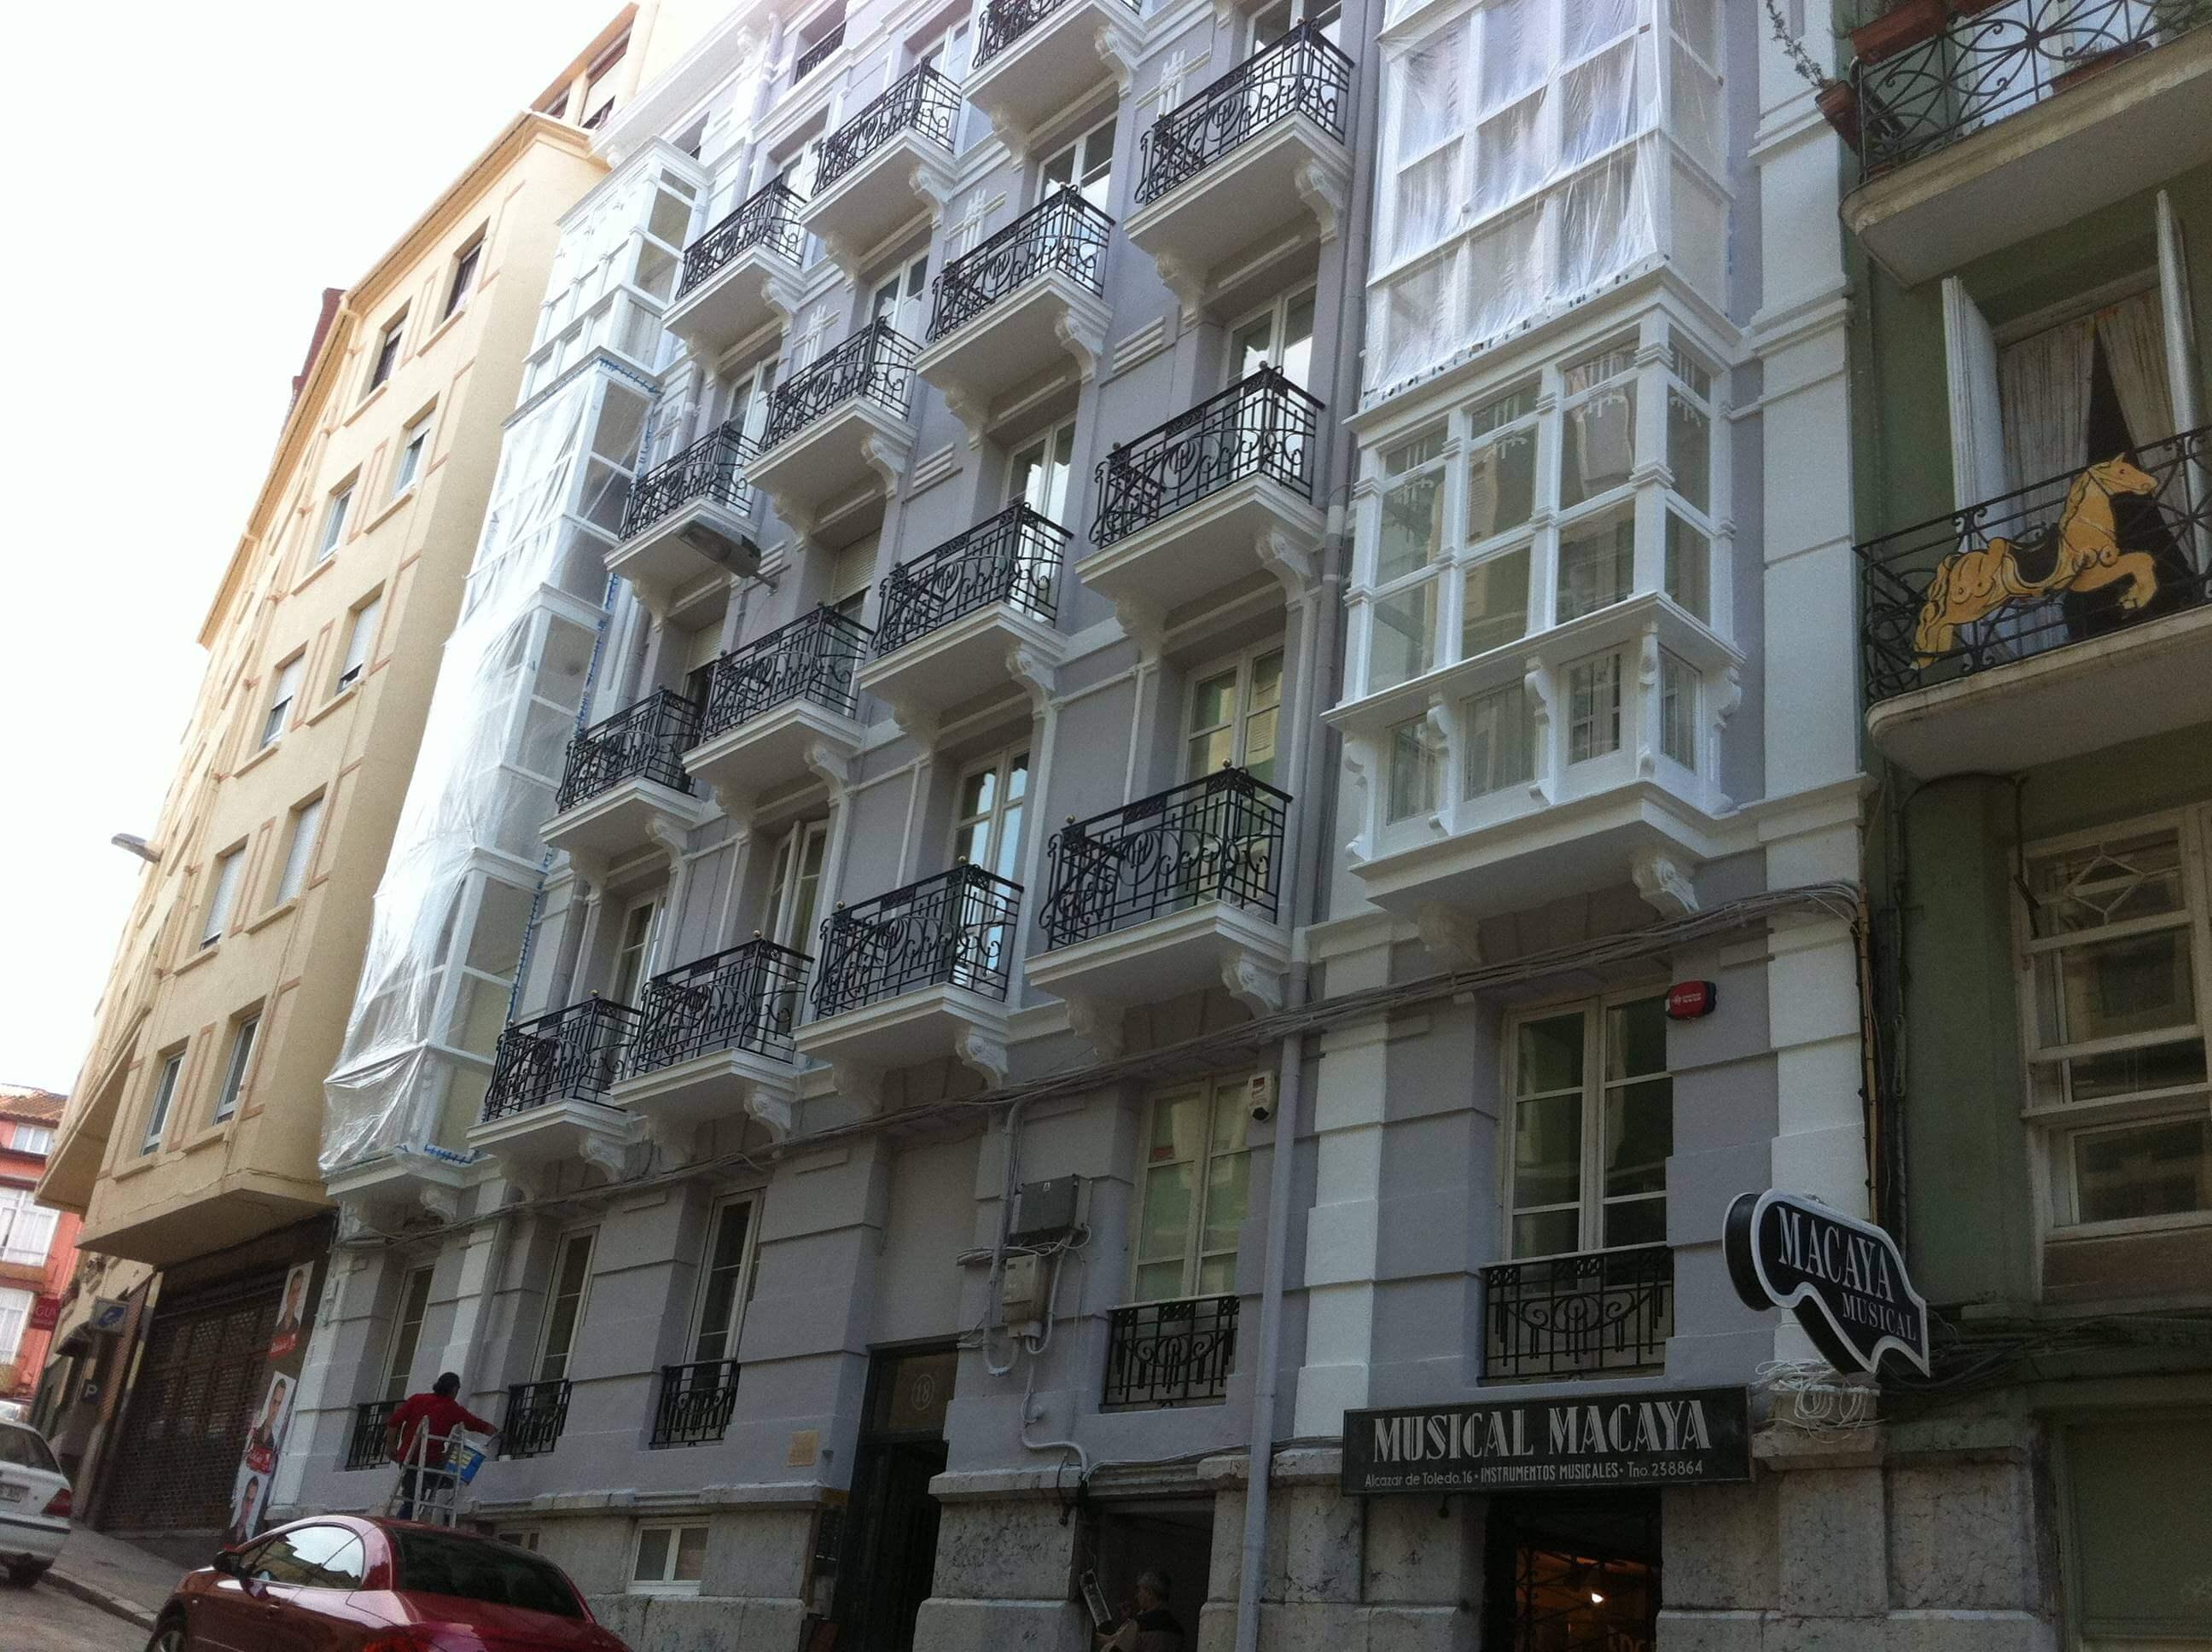 Rehabilitaci n de fachada tradicional trabajos verticales for Fachada tradicional